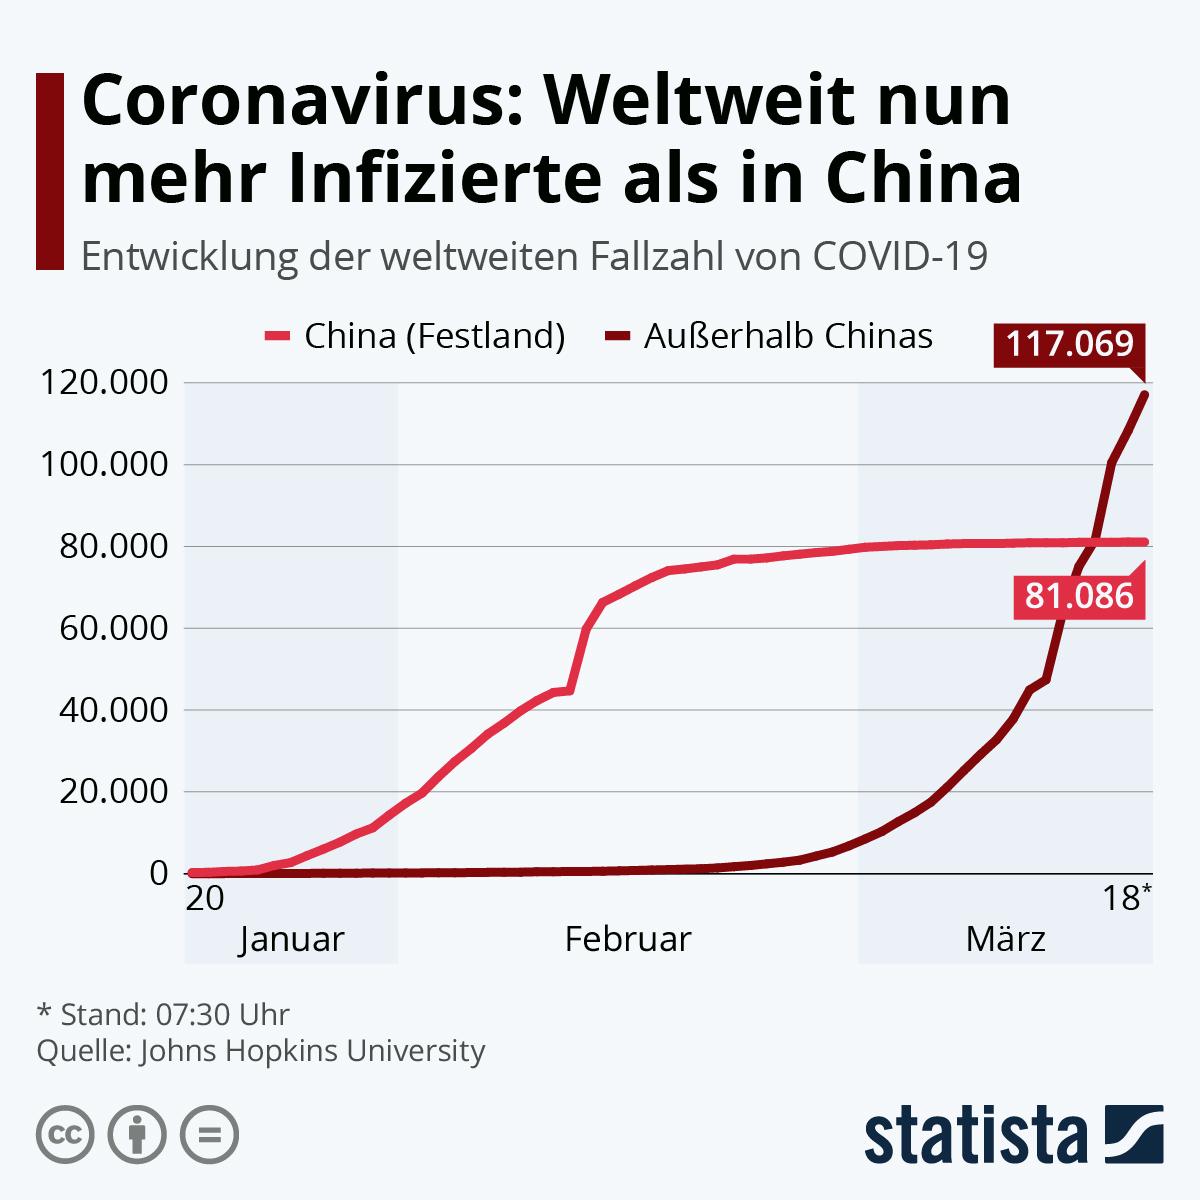 Infografik: Coronavirus: Weltweit nun mehr Infizierte als in China | Statista